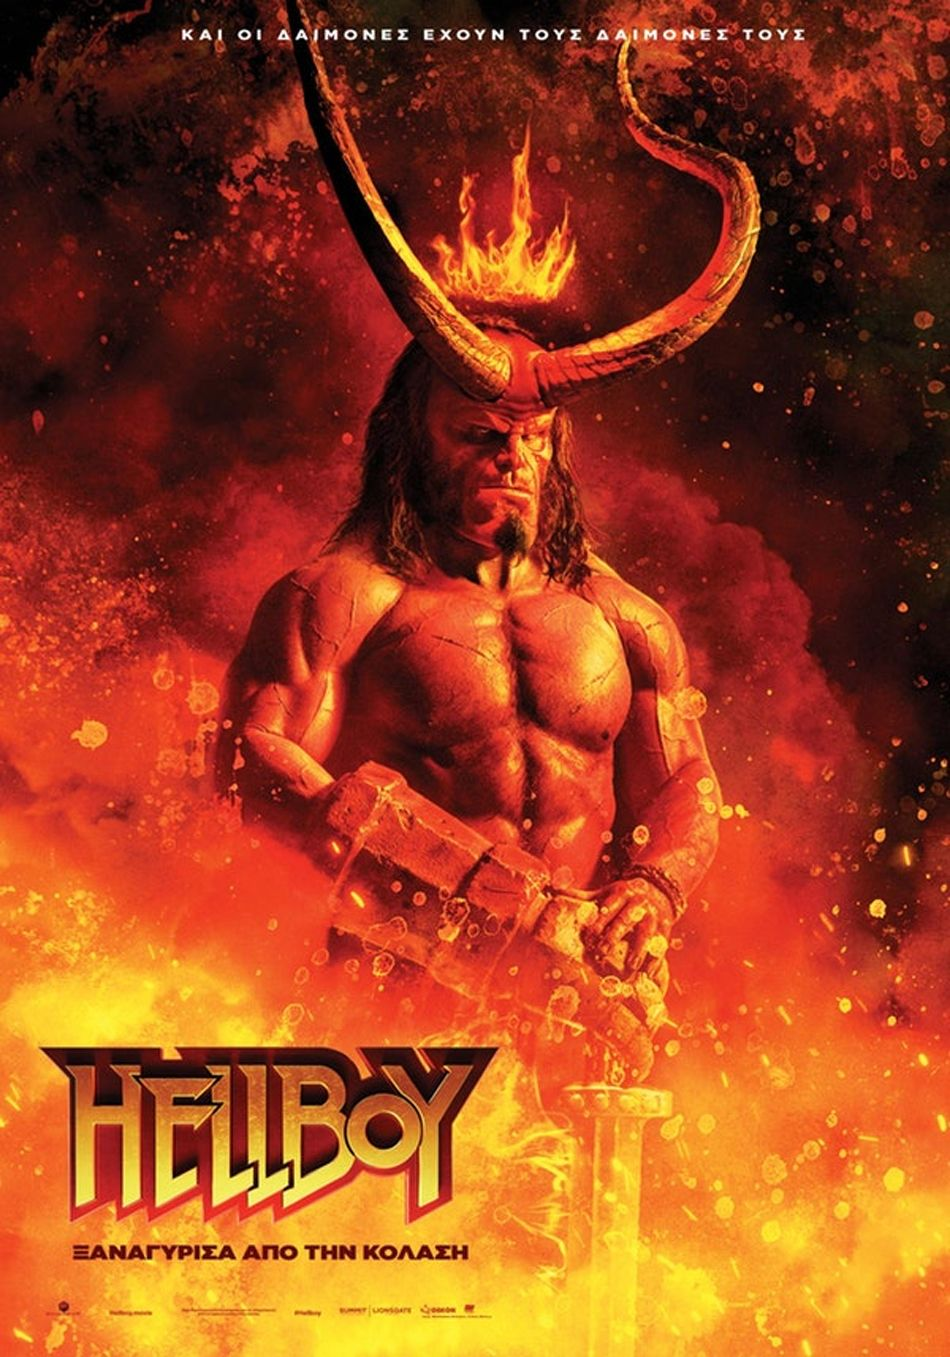 Hellboy: Ξαναγύρισα από την Κόλαση (Hellboy) Poster